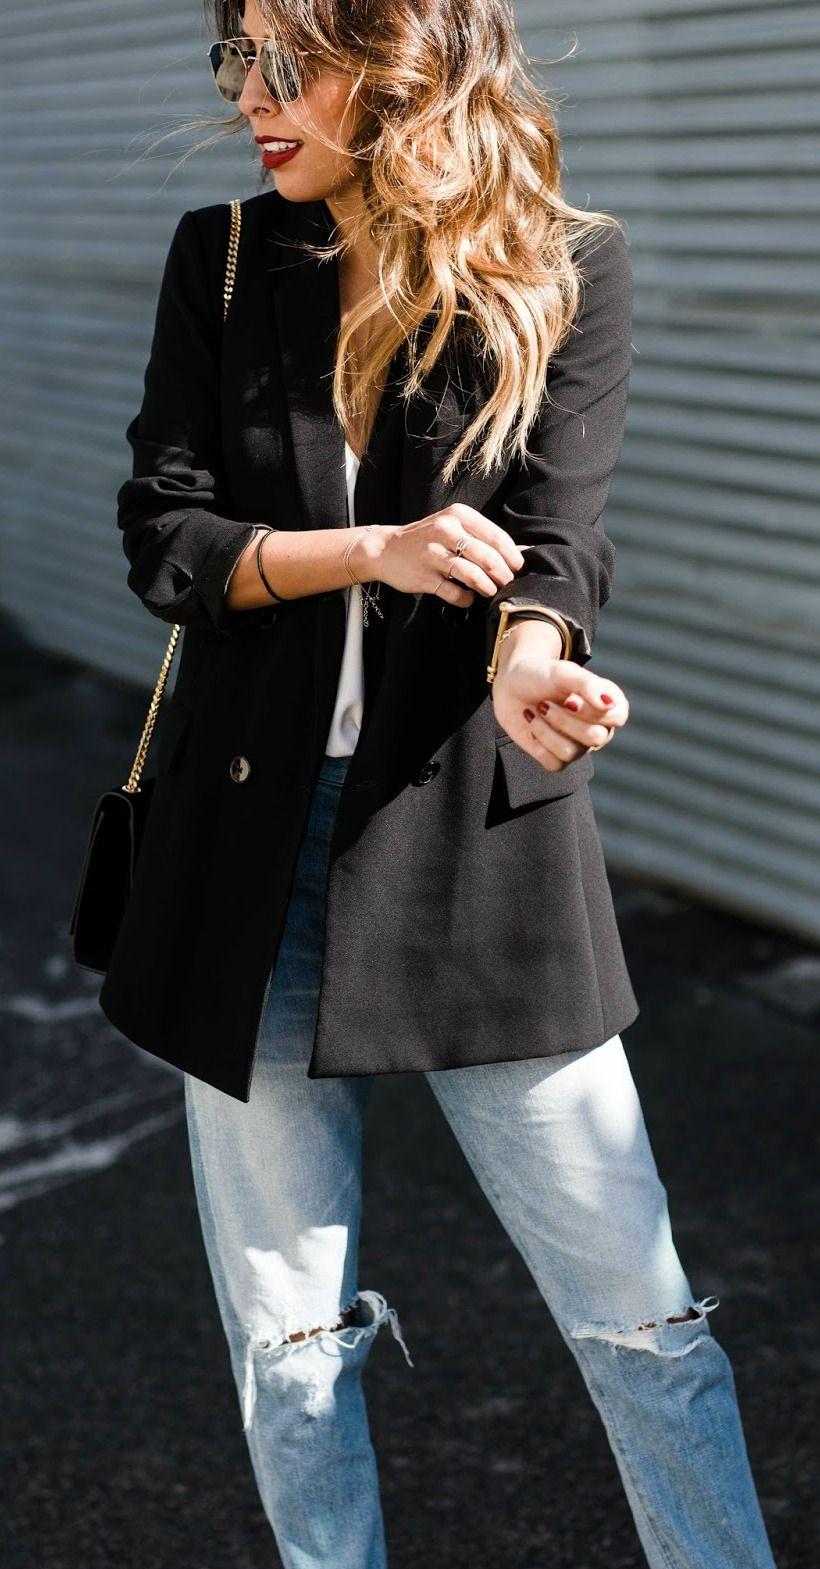 Αποτέλεσμα εικόνας για oversized blazer outfit